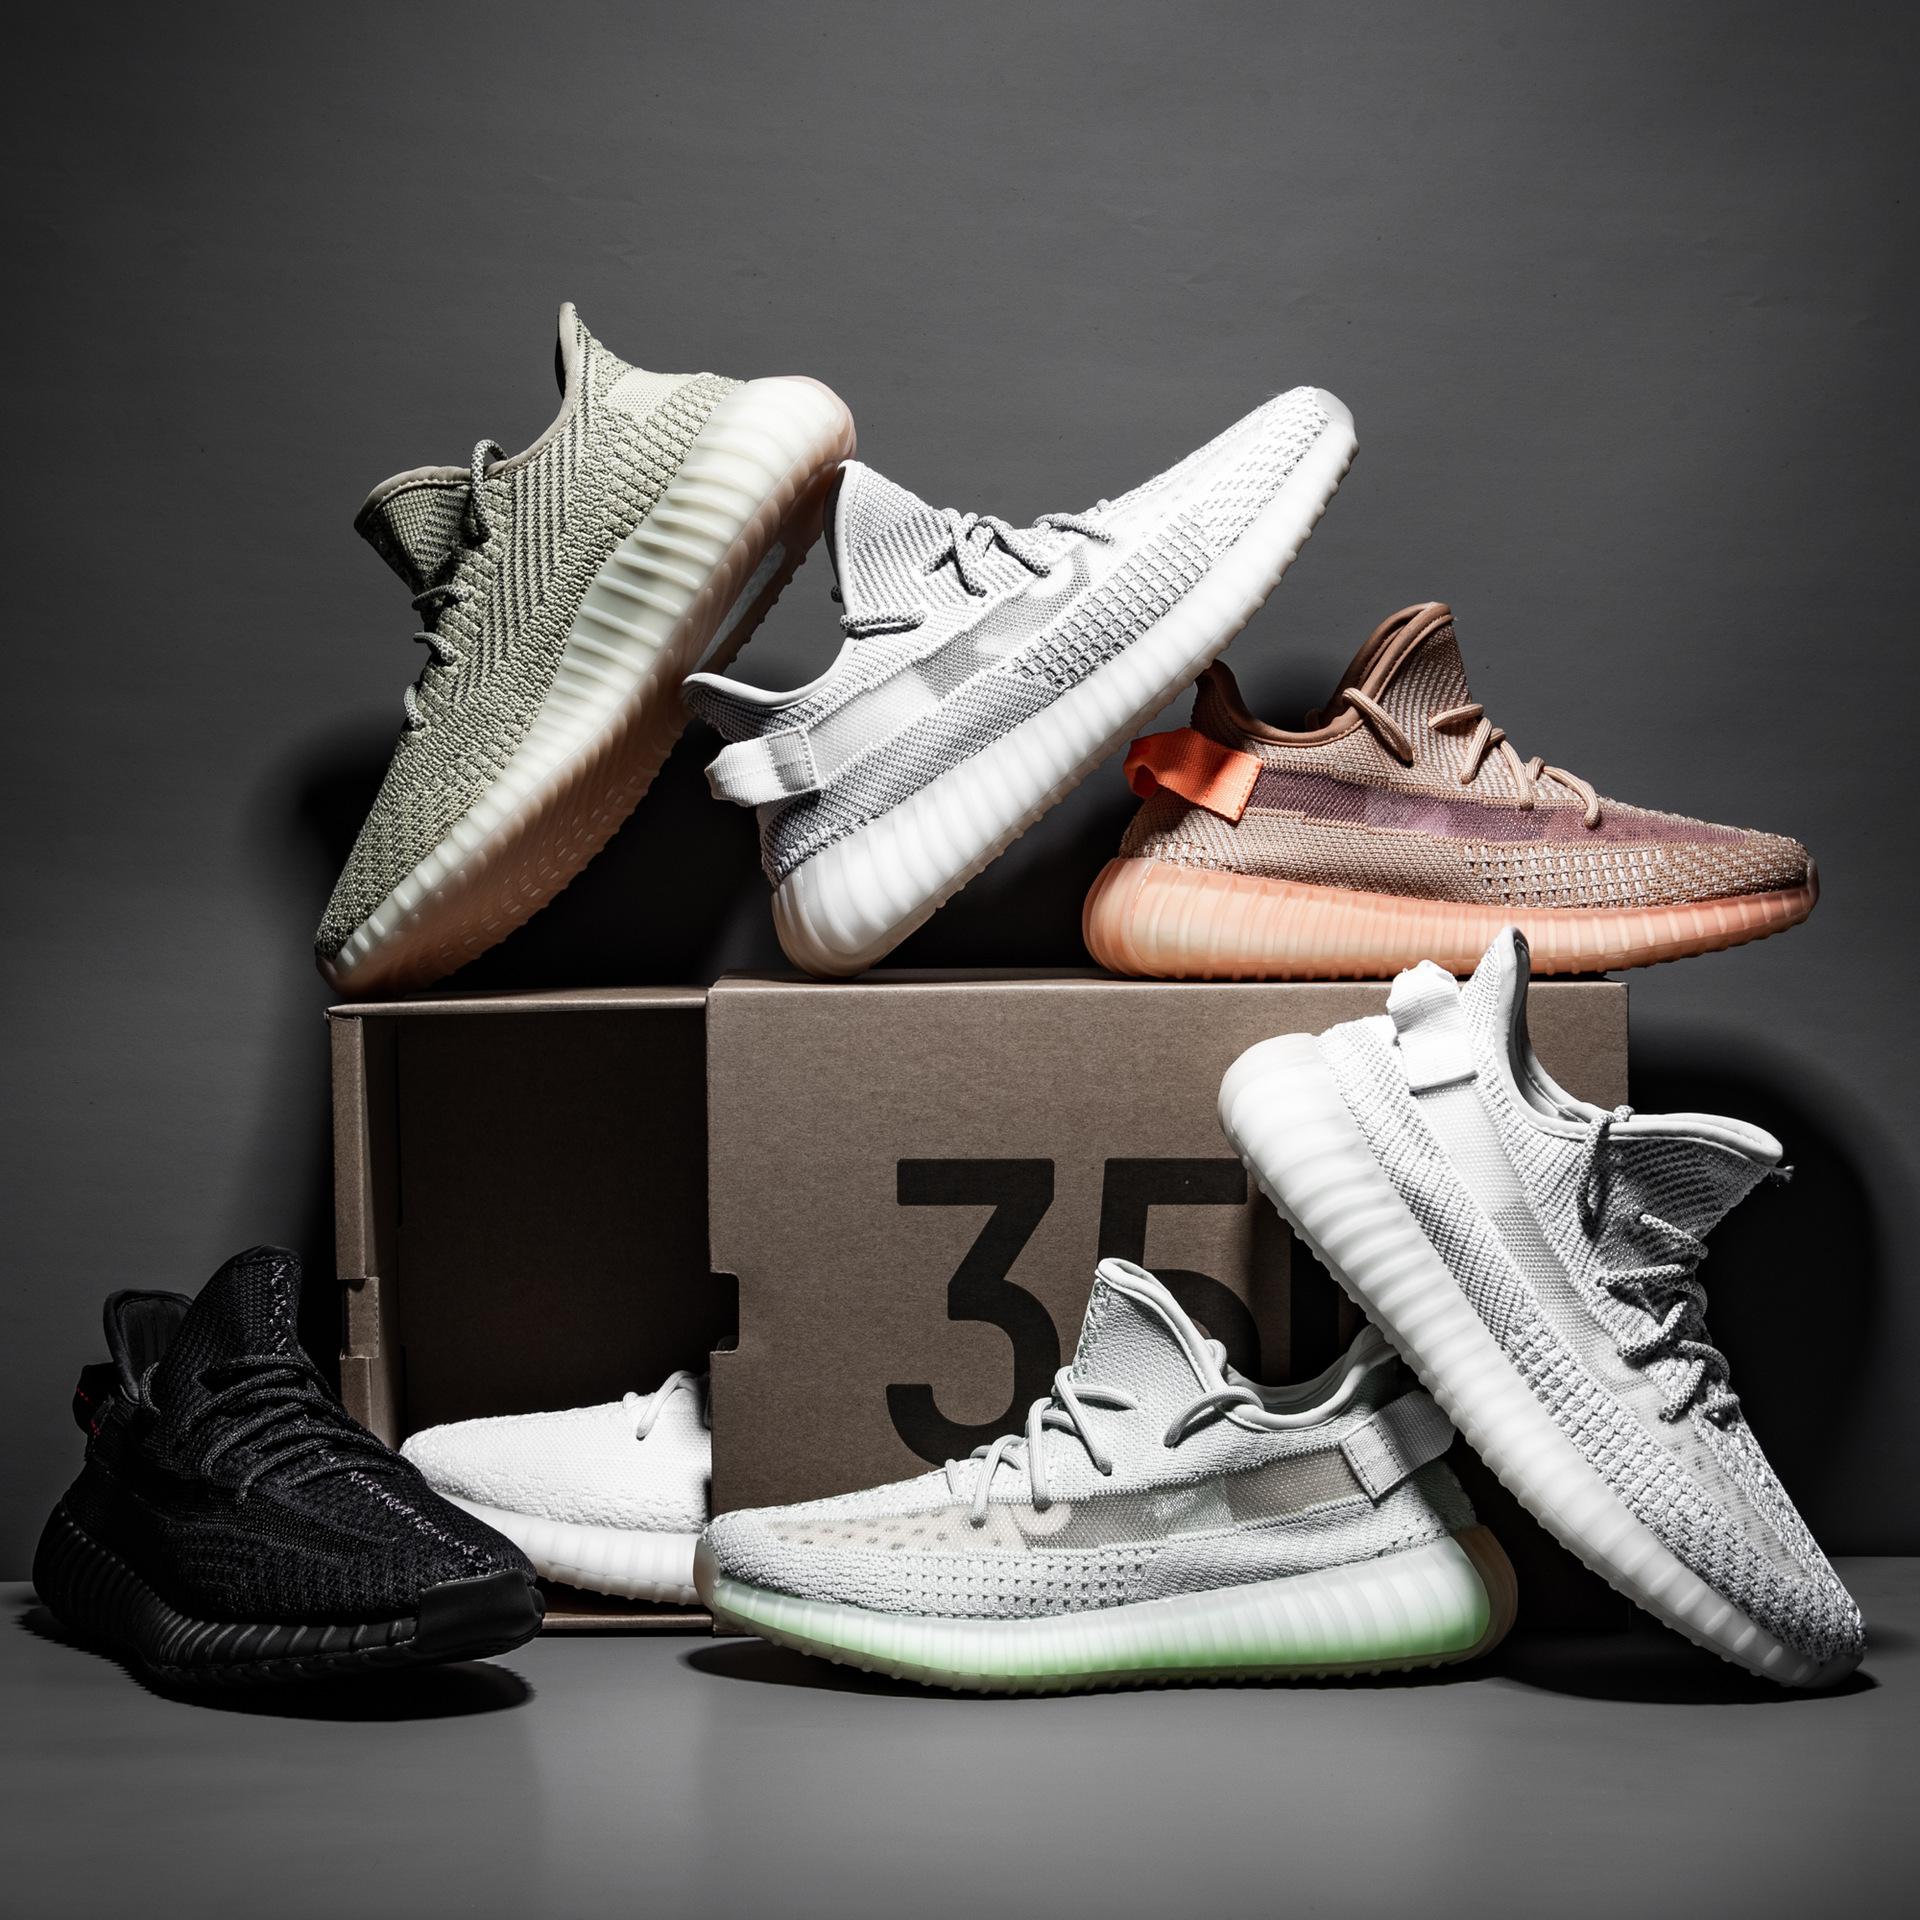 质量好的莆田鞋购买渠道,莆田鞋货源批发椰